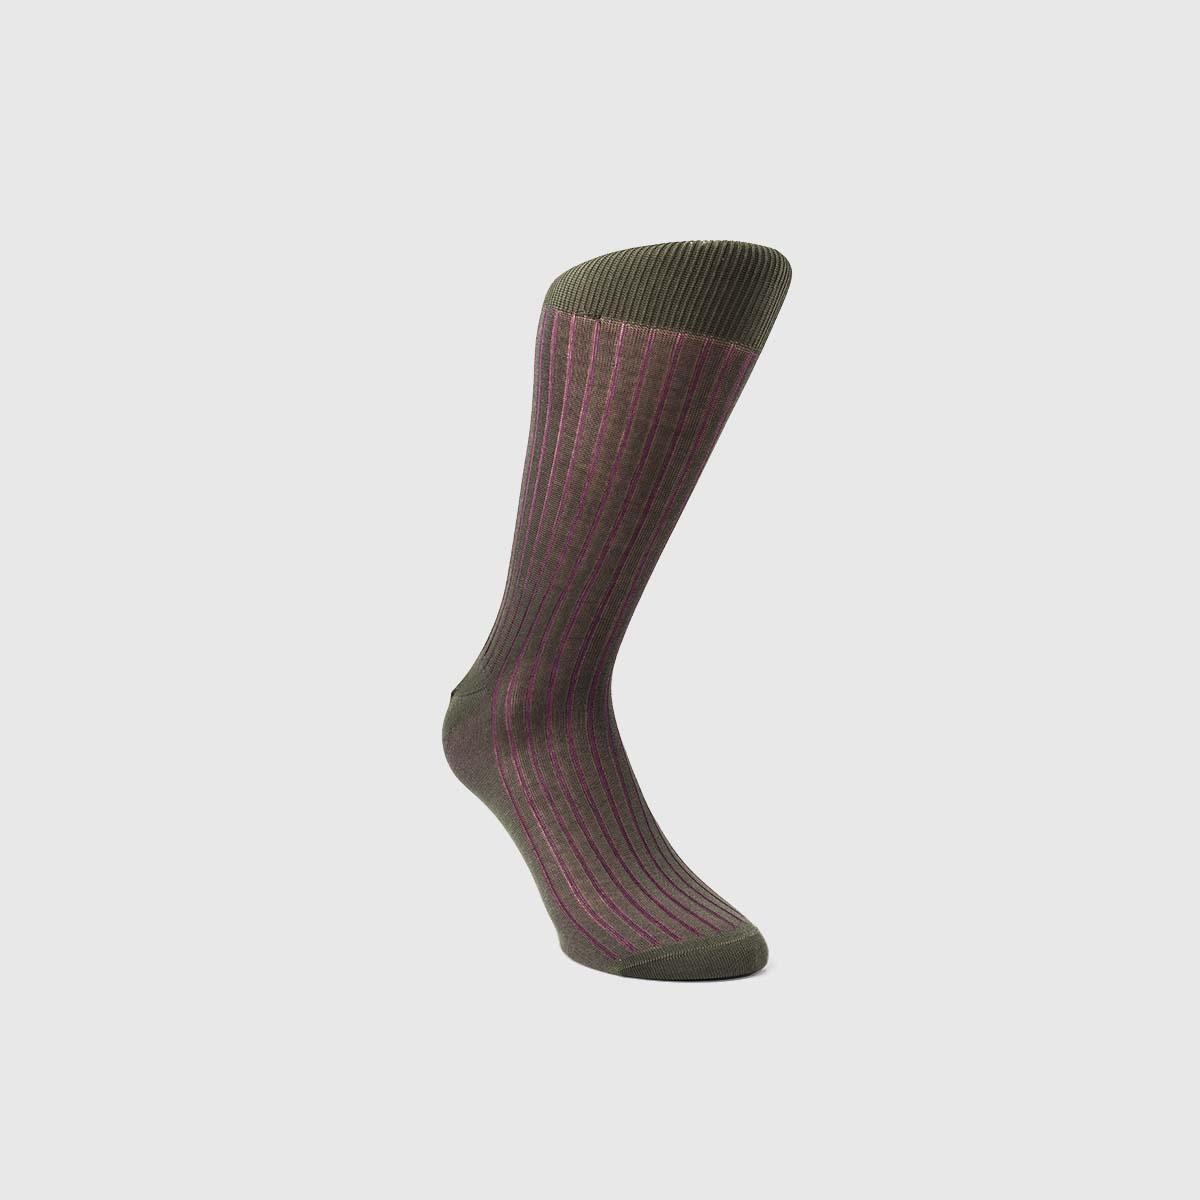 Bresciani 1970 Cotton Socks in Purple Moss